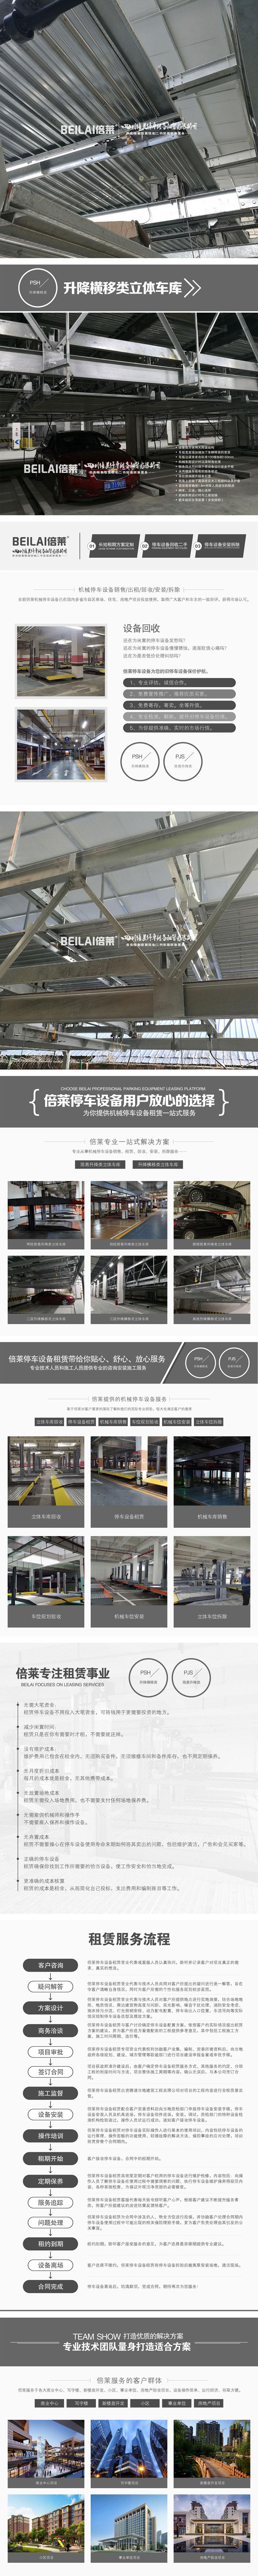 陜西立體車庫銷售回收四川機械立體停車設備倍萊立體車庫設備